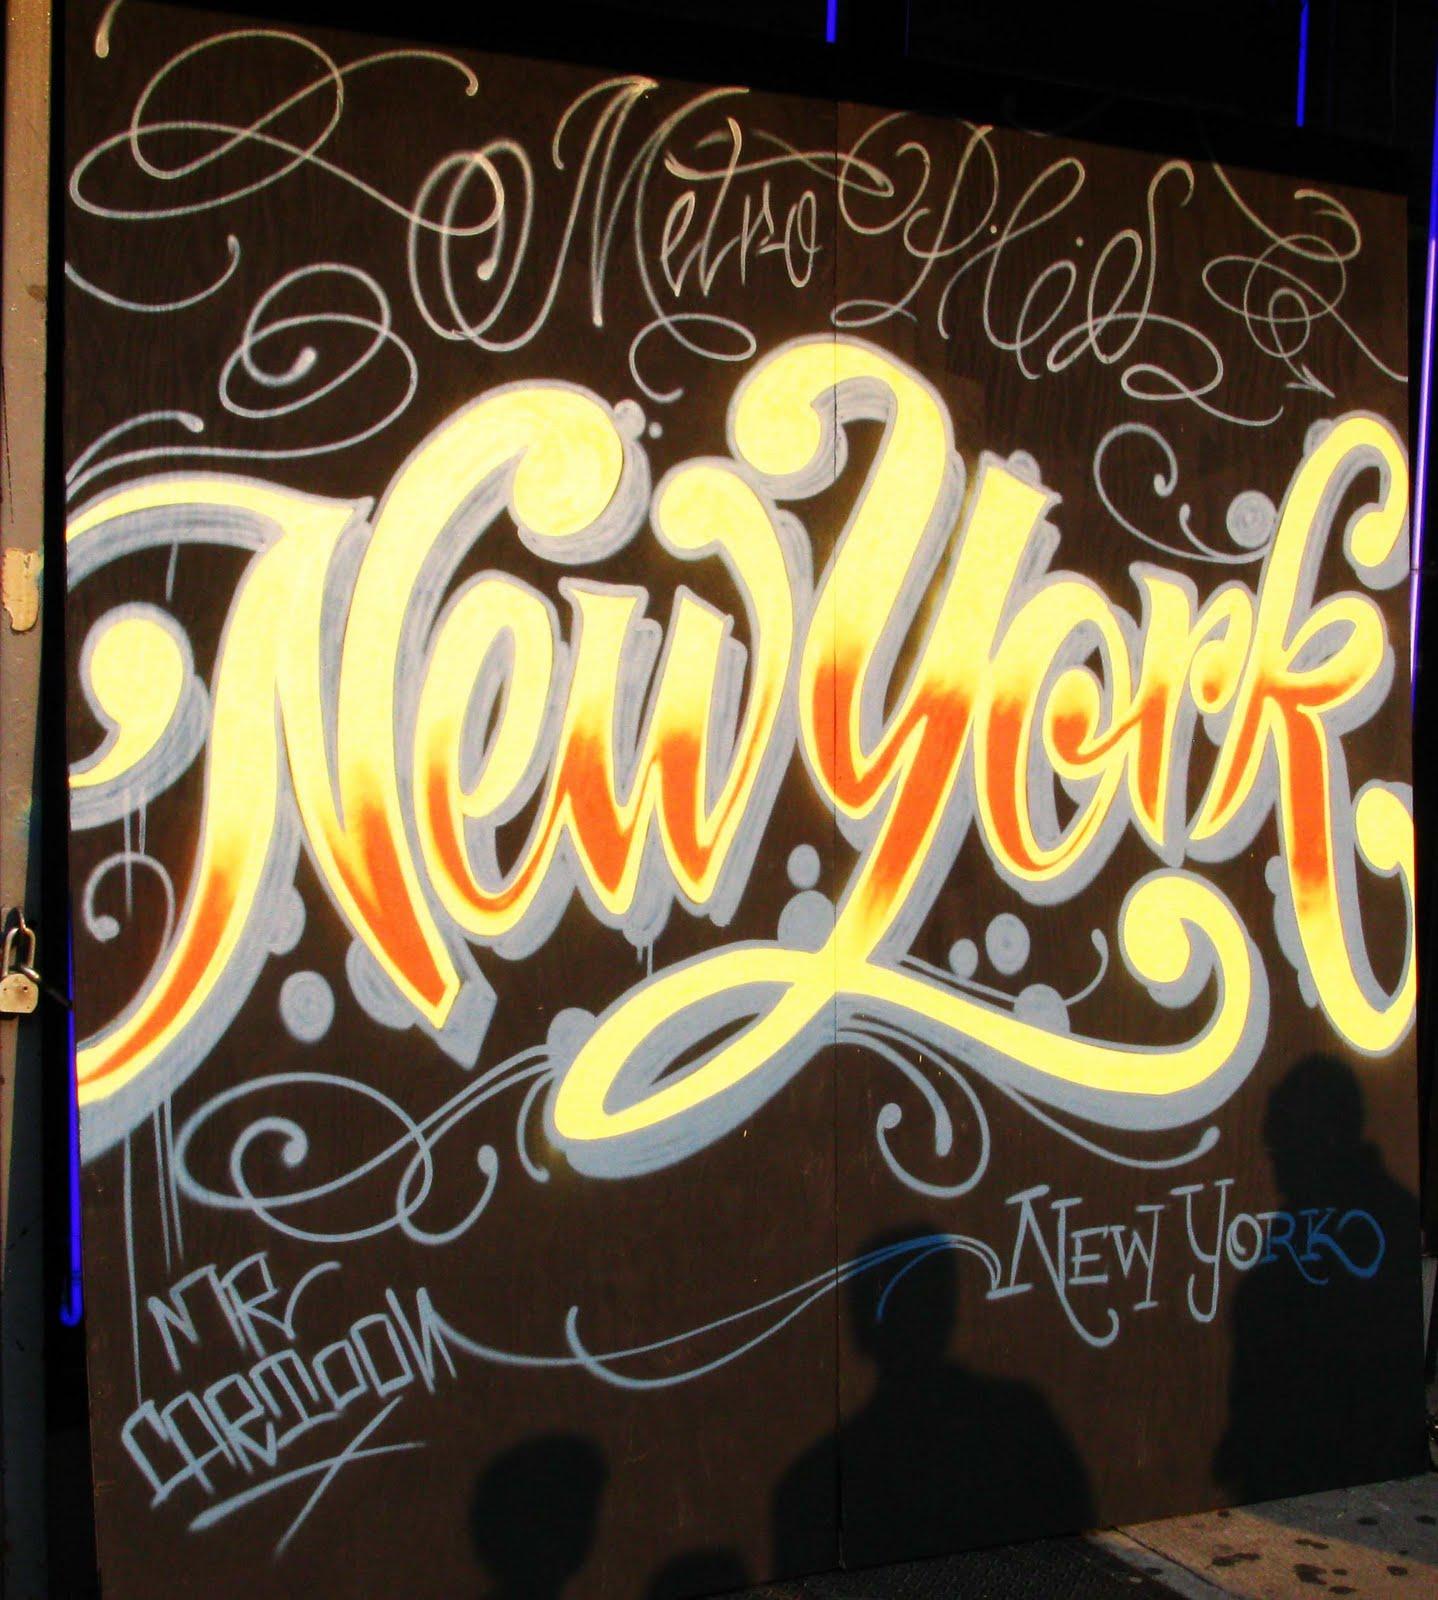 [NYC1]